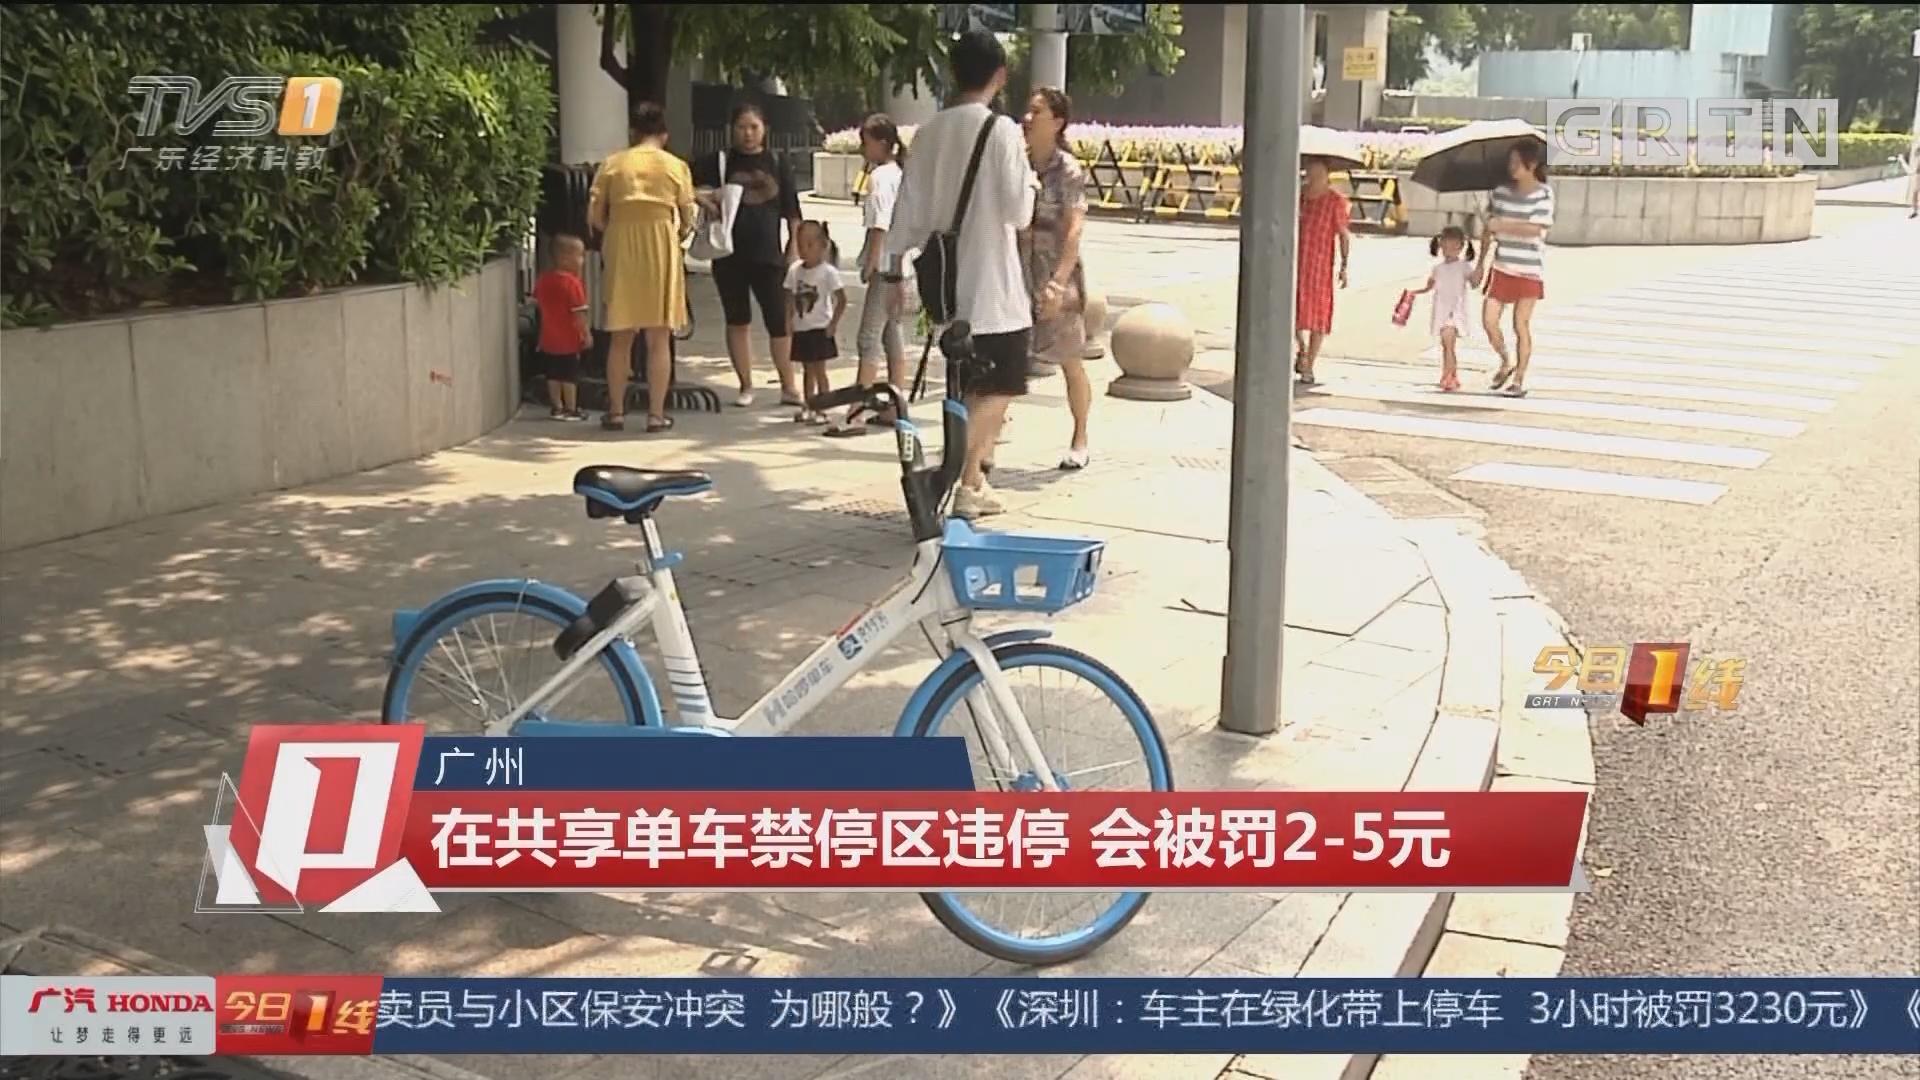 广州 在共享单车禁停区违停 会被罚2-5元